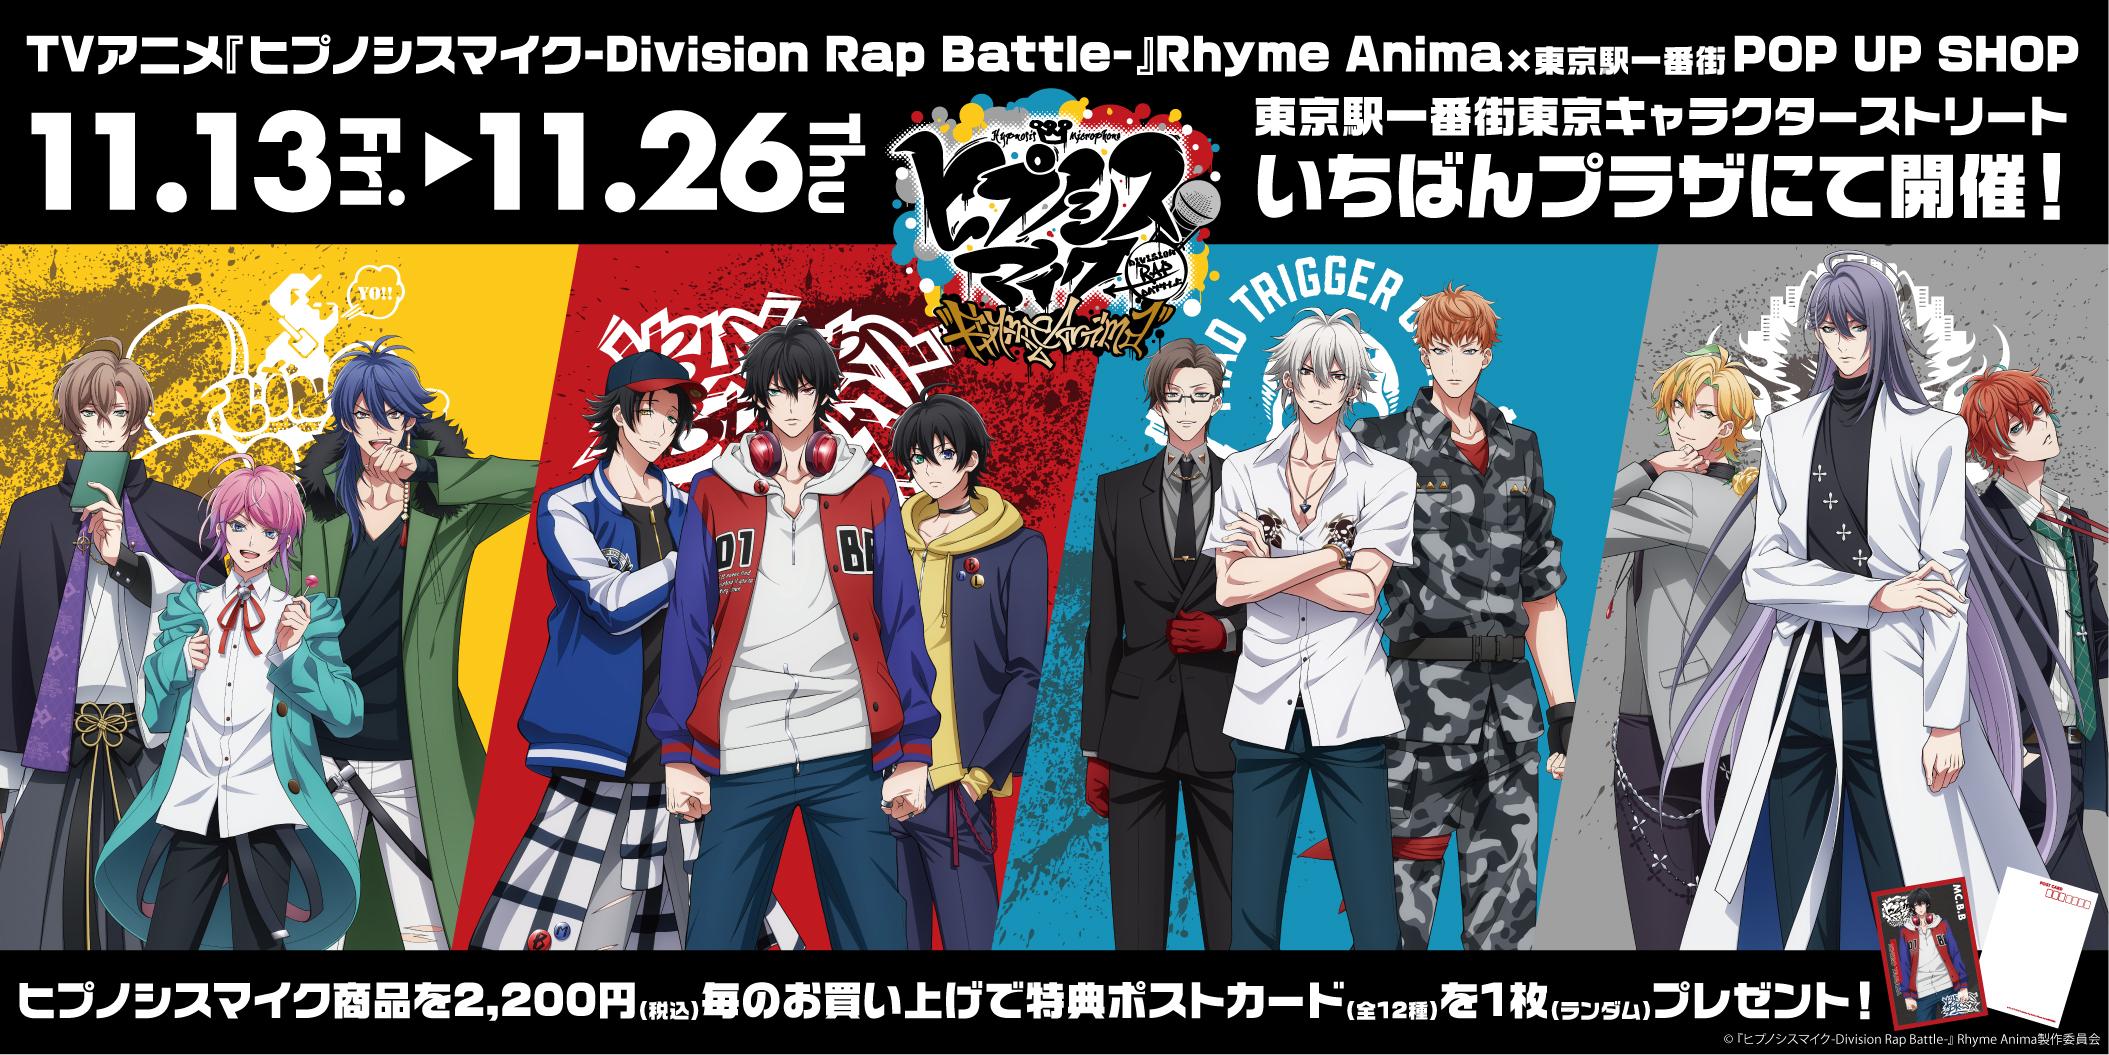 【11月24日(火)】TVアニメ『ヒプノシスマイク-Division Rap Battle-』Rhyme Anima ×東京駅一番街 POP UP SHOP